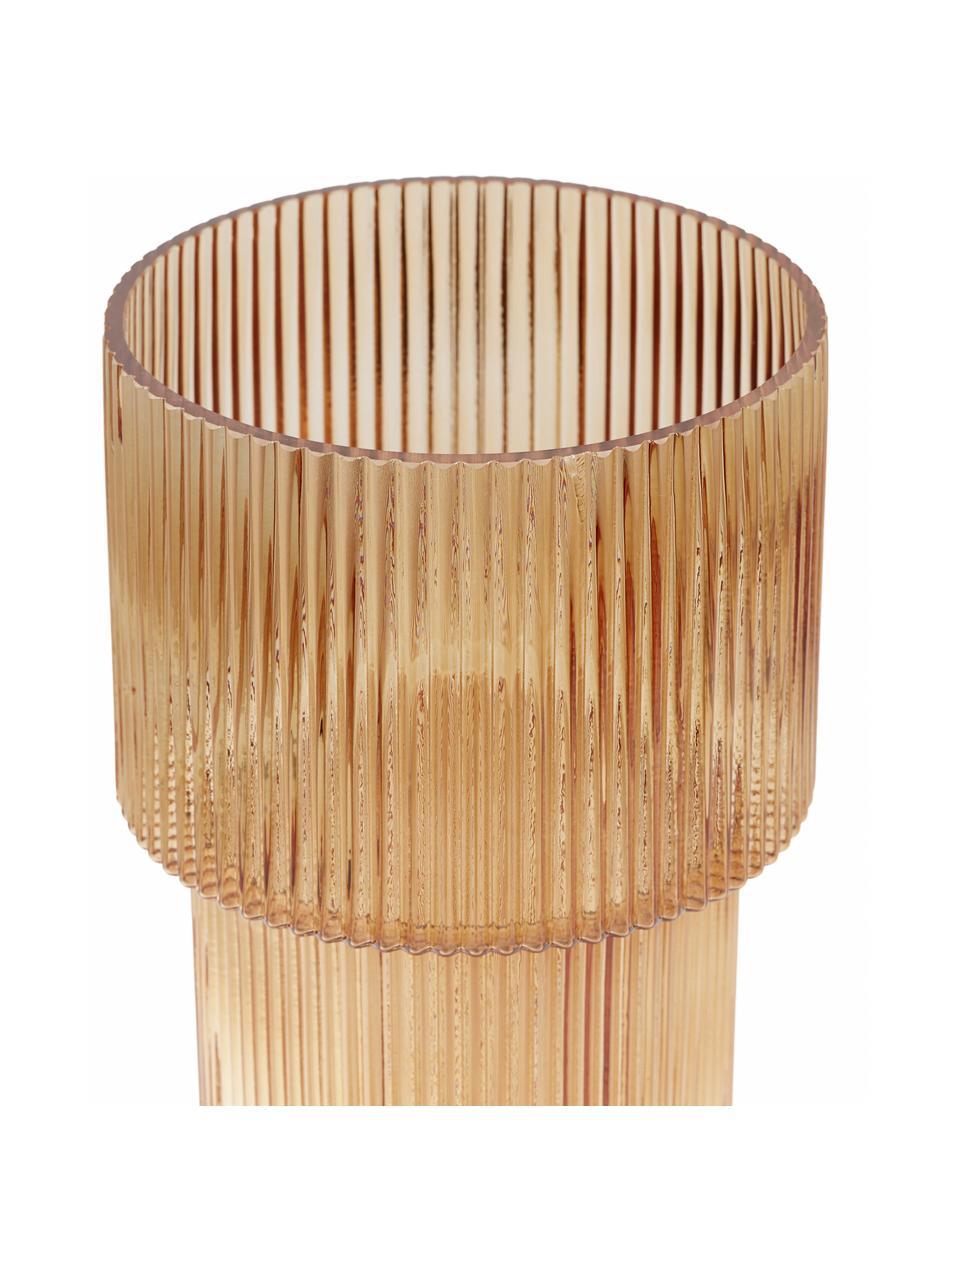 Vaso in vetro Lija, Vetro, Color ambra trasparente, Ø 14 x Alt. 30 cm